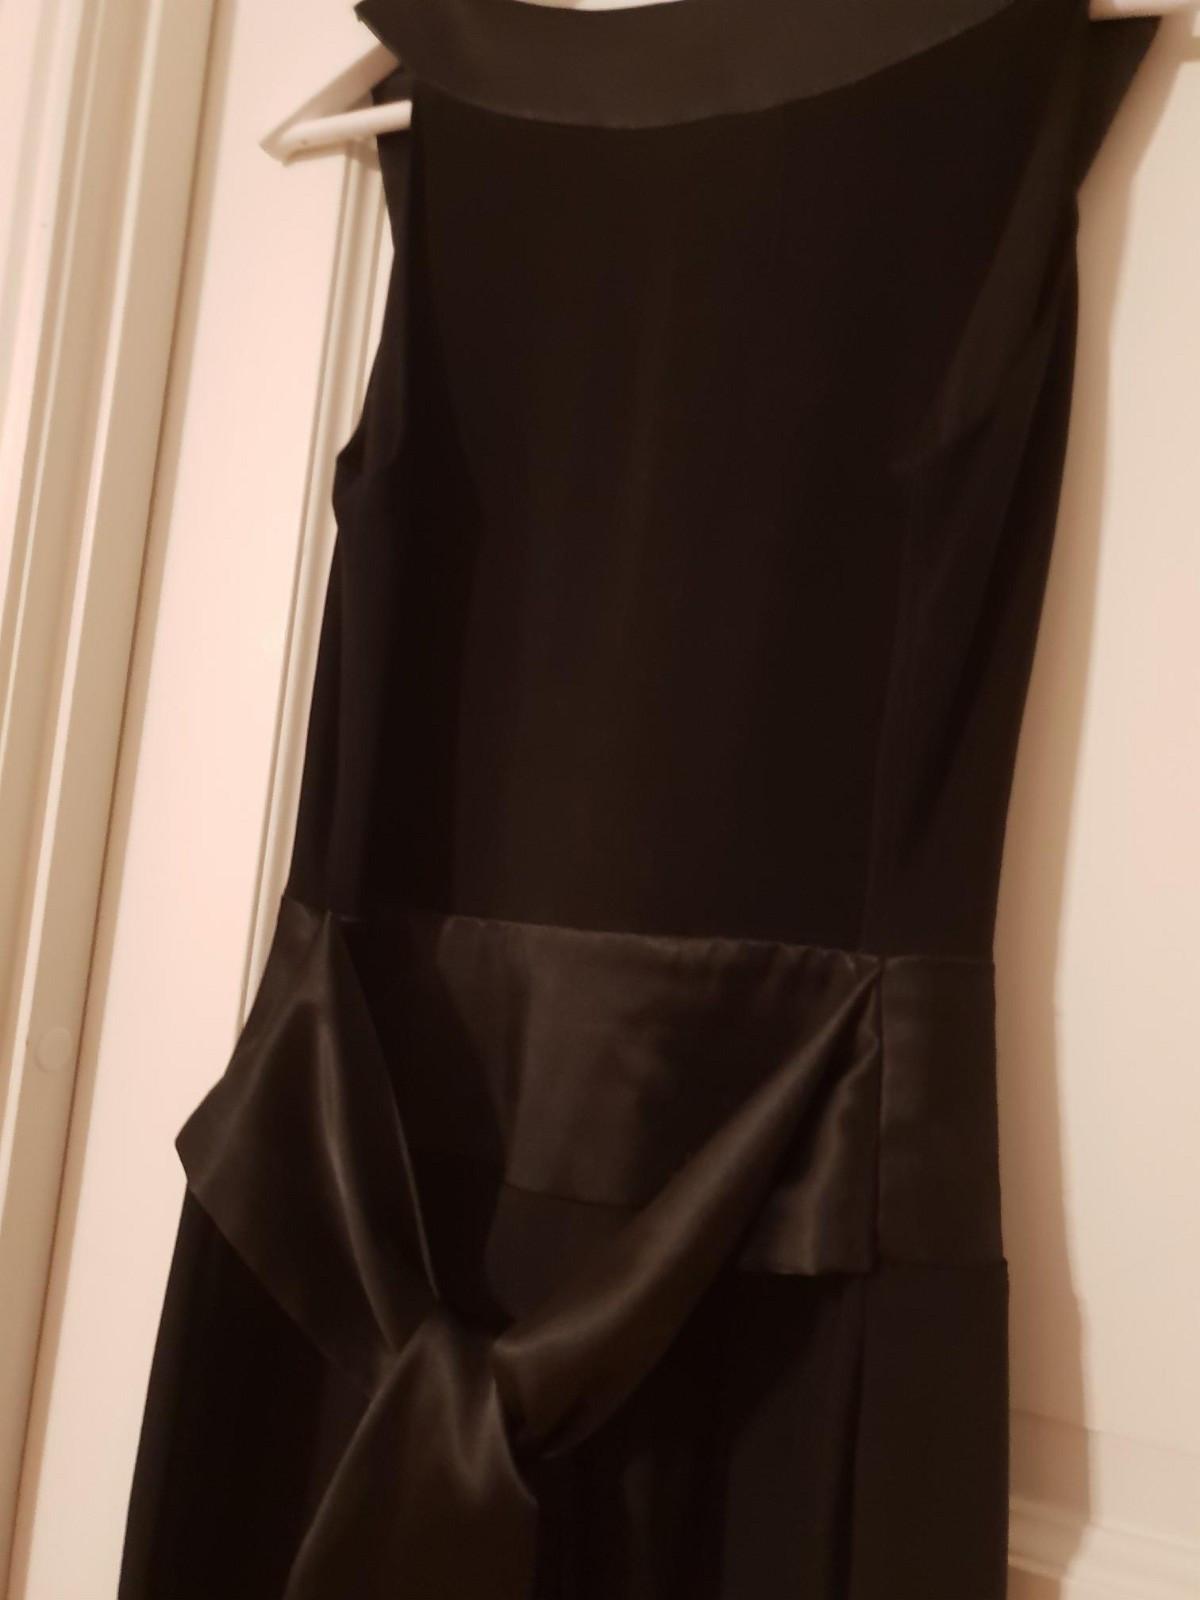 Elegant kjole fra Voice of europe til salgs. Brukt bare en